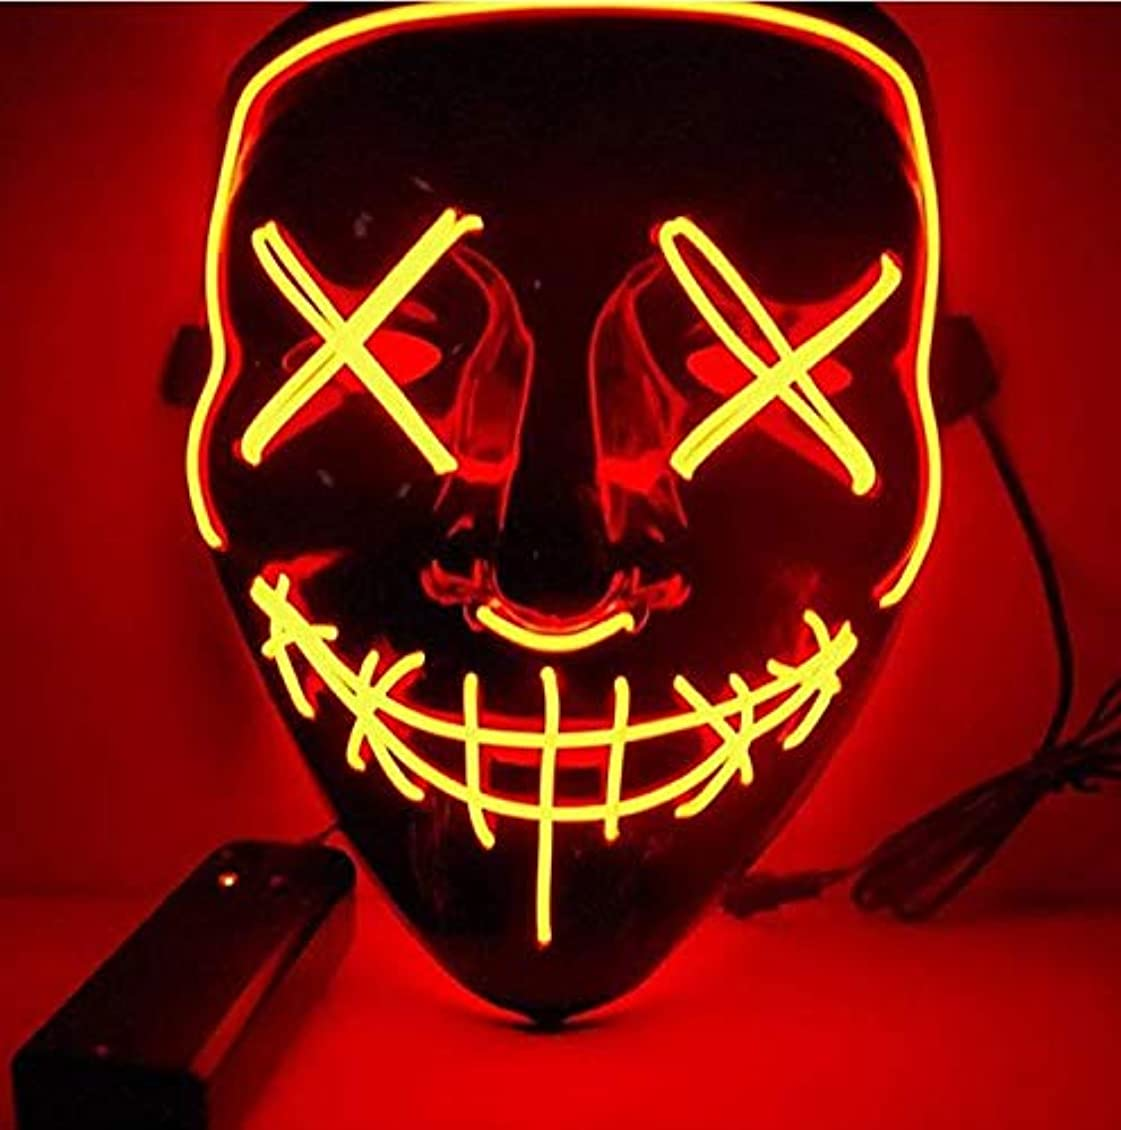 劇作家息子応じるハロウィンマスクLEDライトアップパーティーマスクコスプレコスチュームサプライ暗闇で光る (Color : YELLOW)